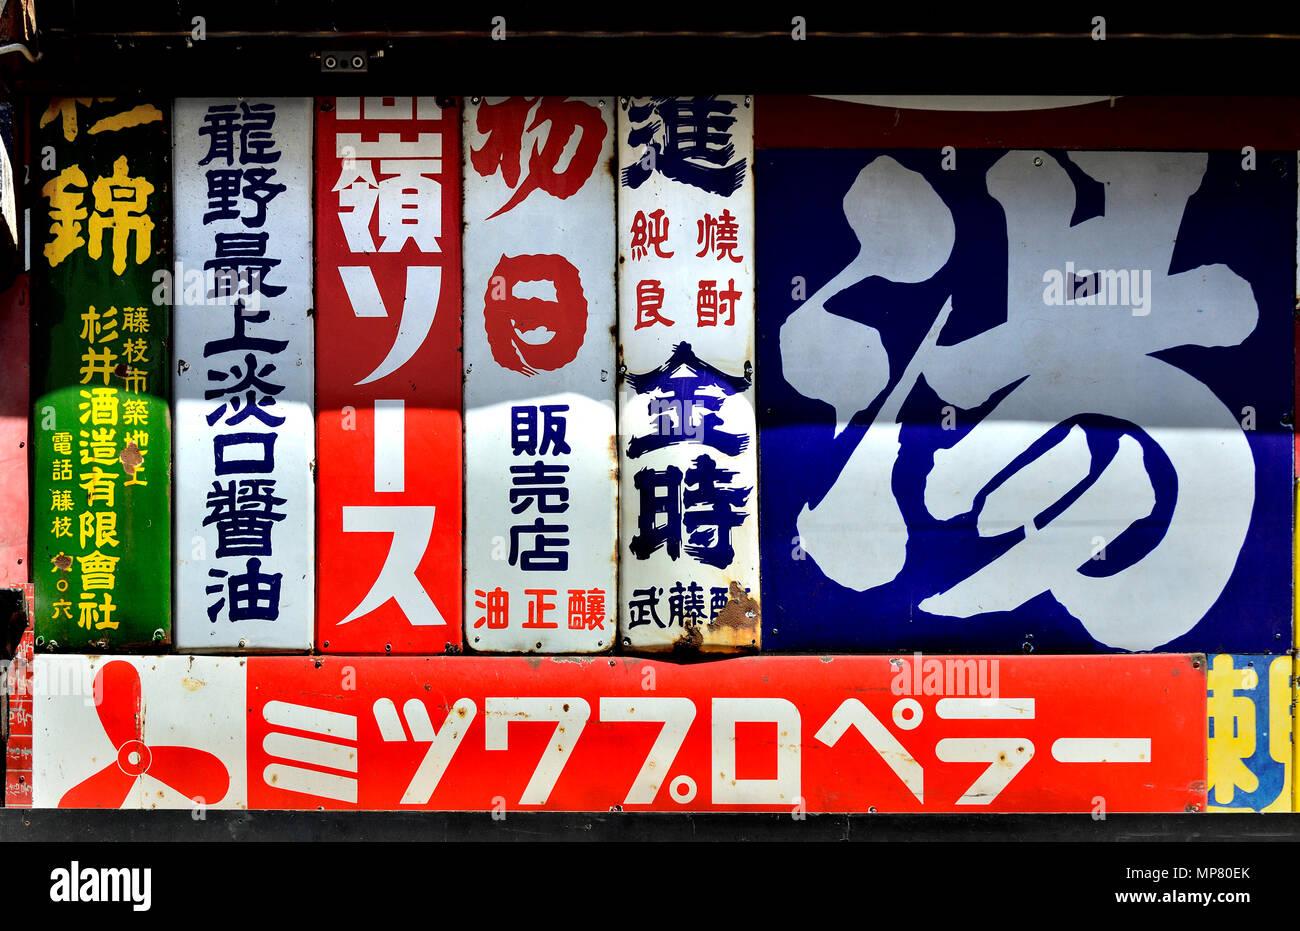 Ichibuns Japanese Super Diner, Wardour Street, Chinatown, London, England, UK. Stock Photo